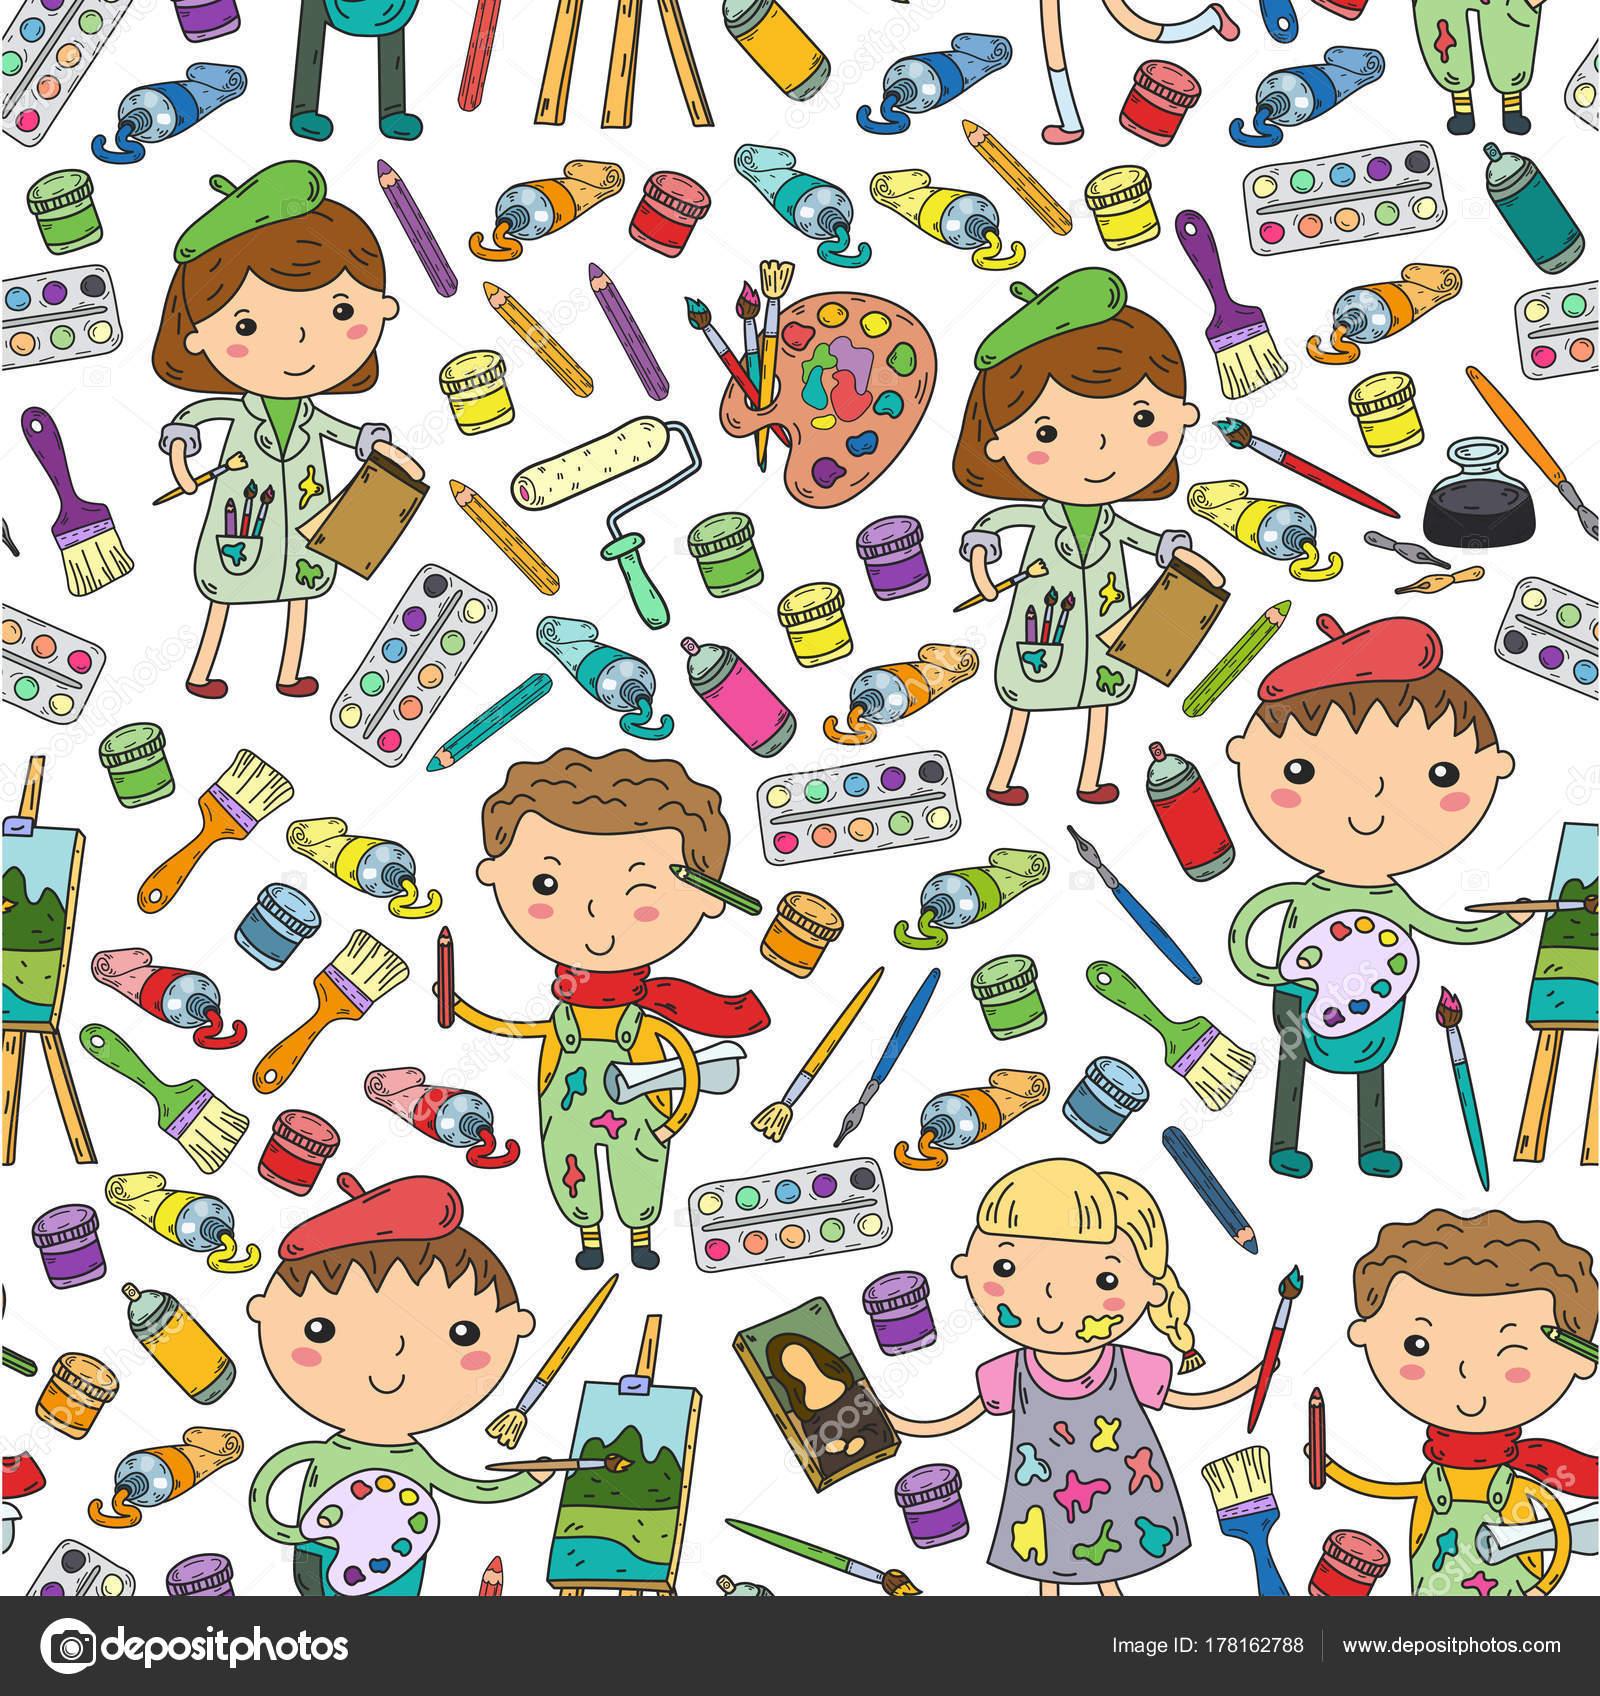 Favoriete Kinderen creativiteit kleuterschool, school kunst jongens en &UO84